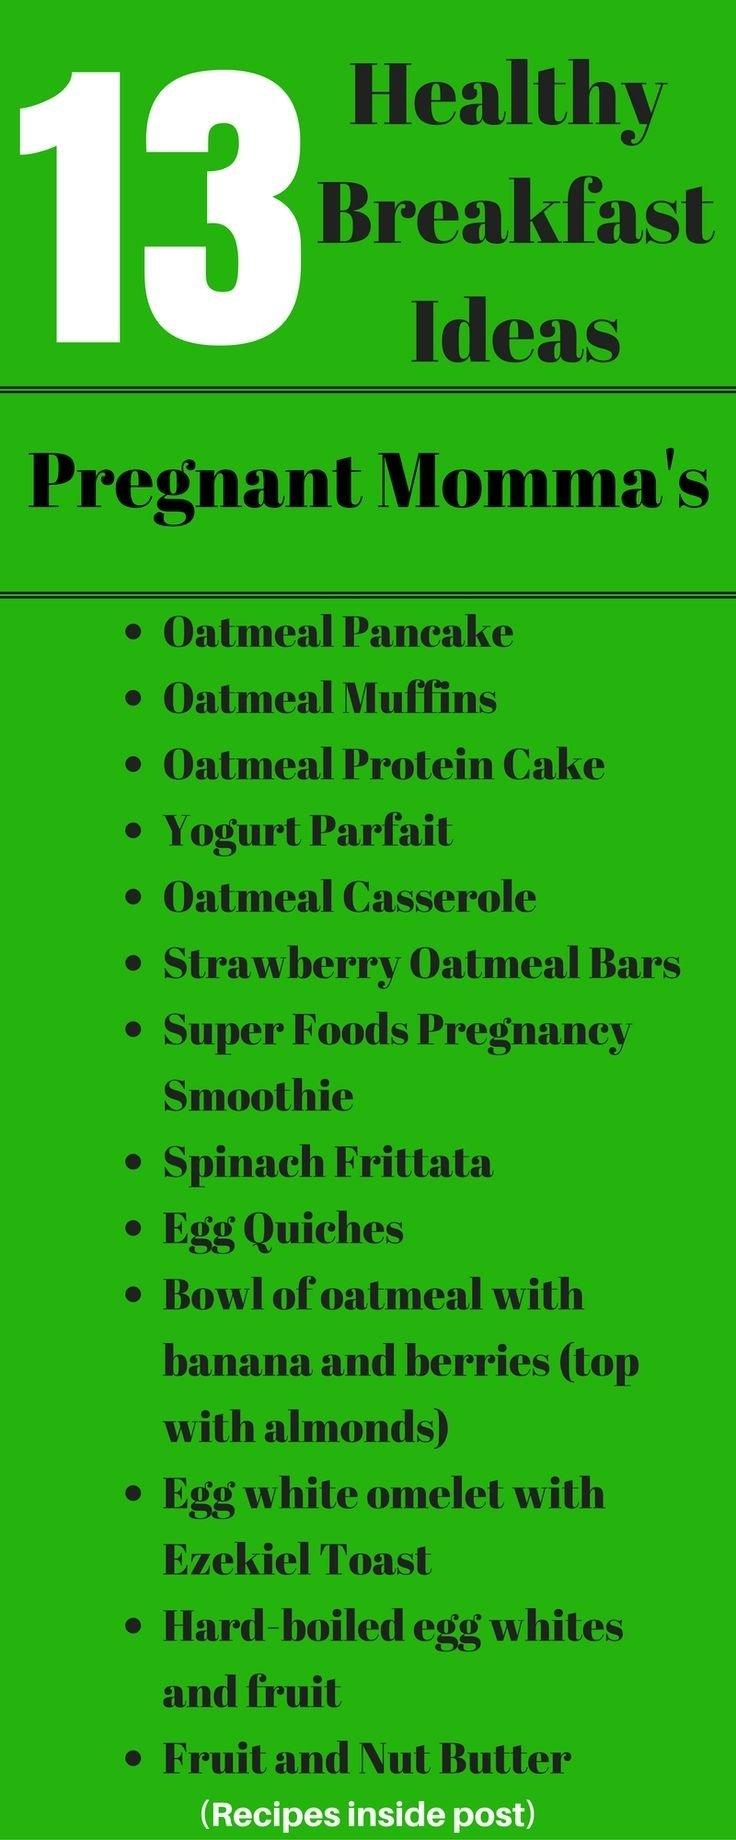 10 Nice Lunch Ideas For Pregnant Women fertility friendly breakfast ideas fertility pinterest fertility 2020